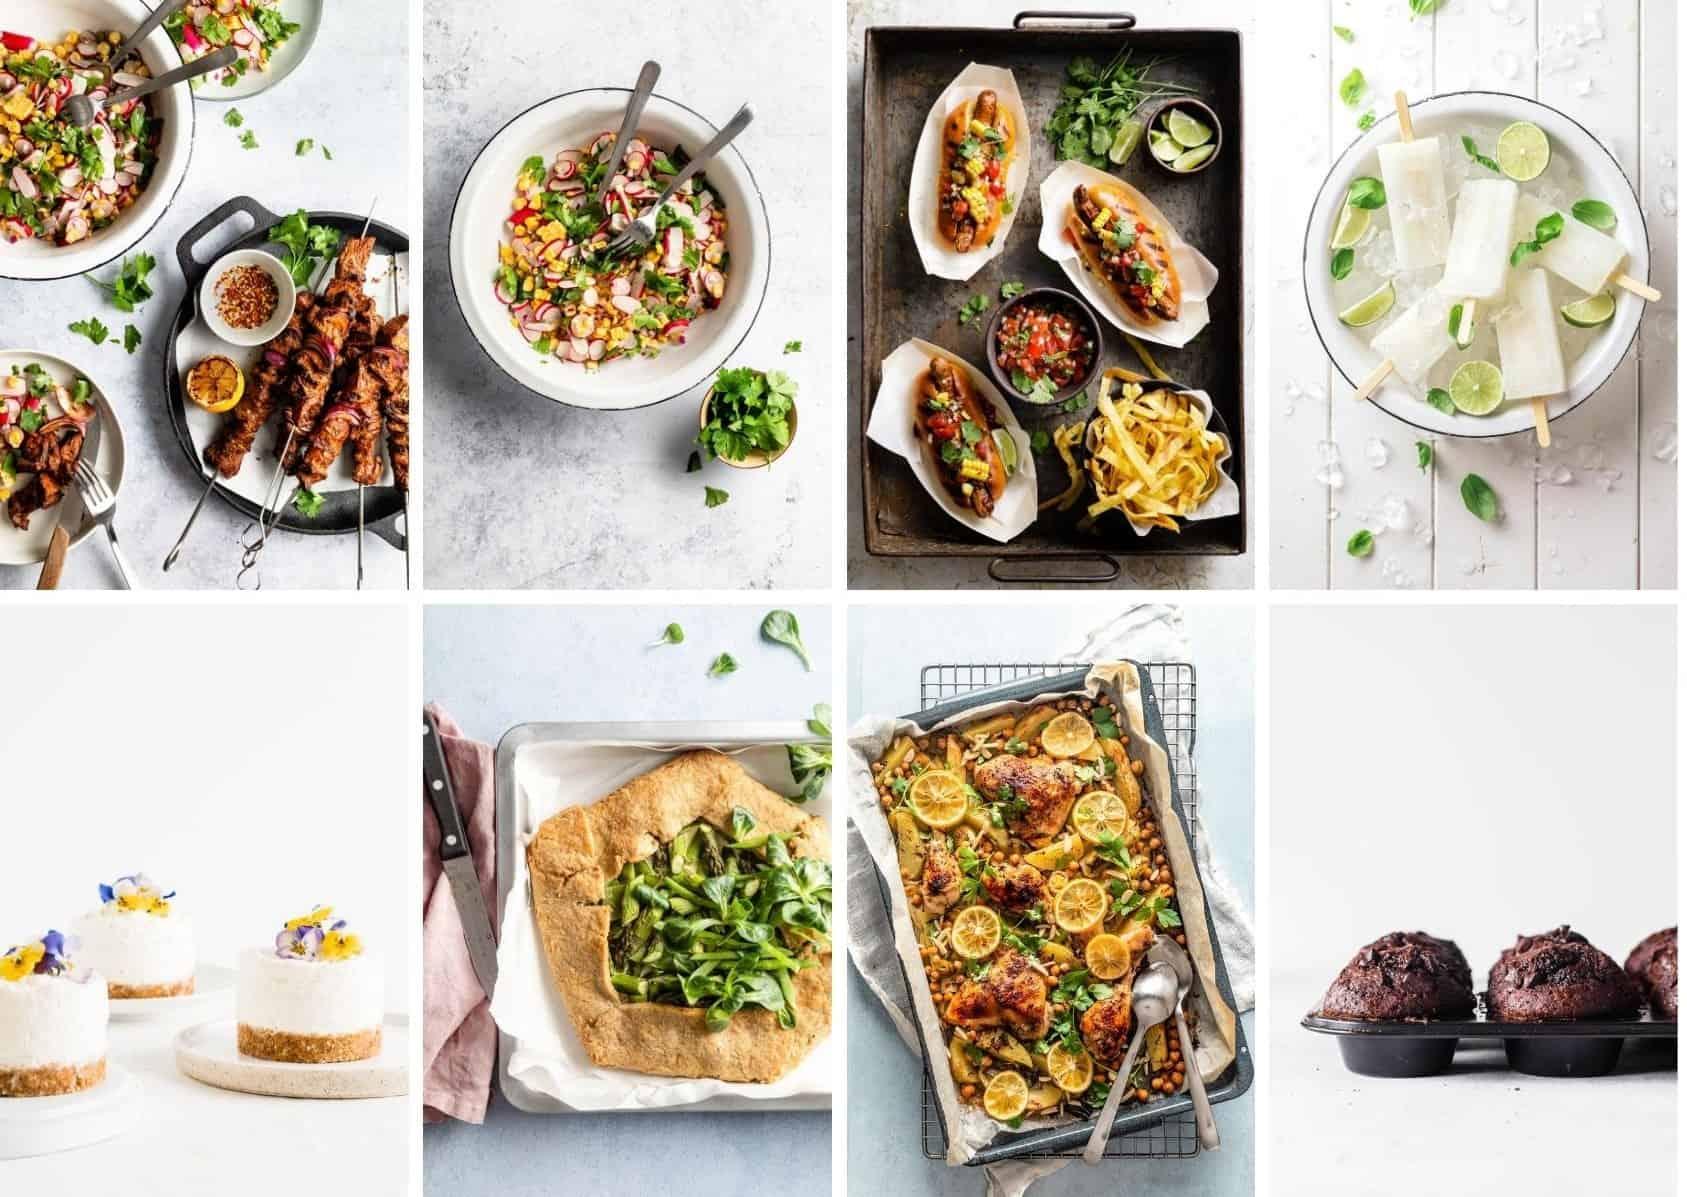 madfotograf og foodstylist